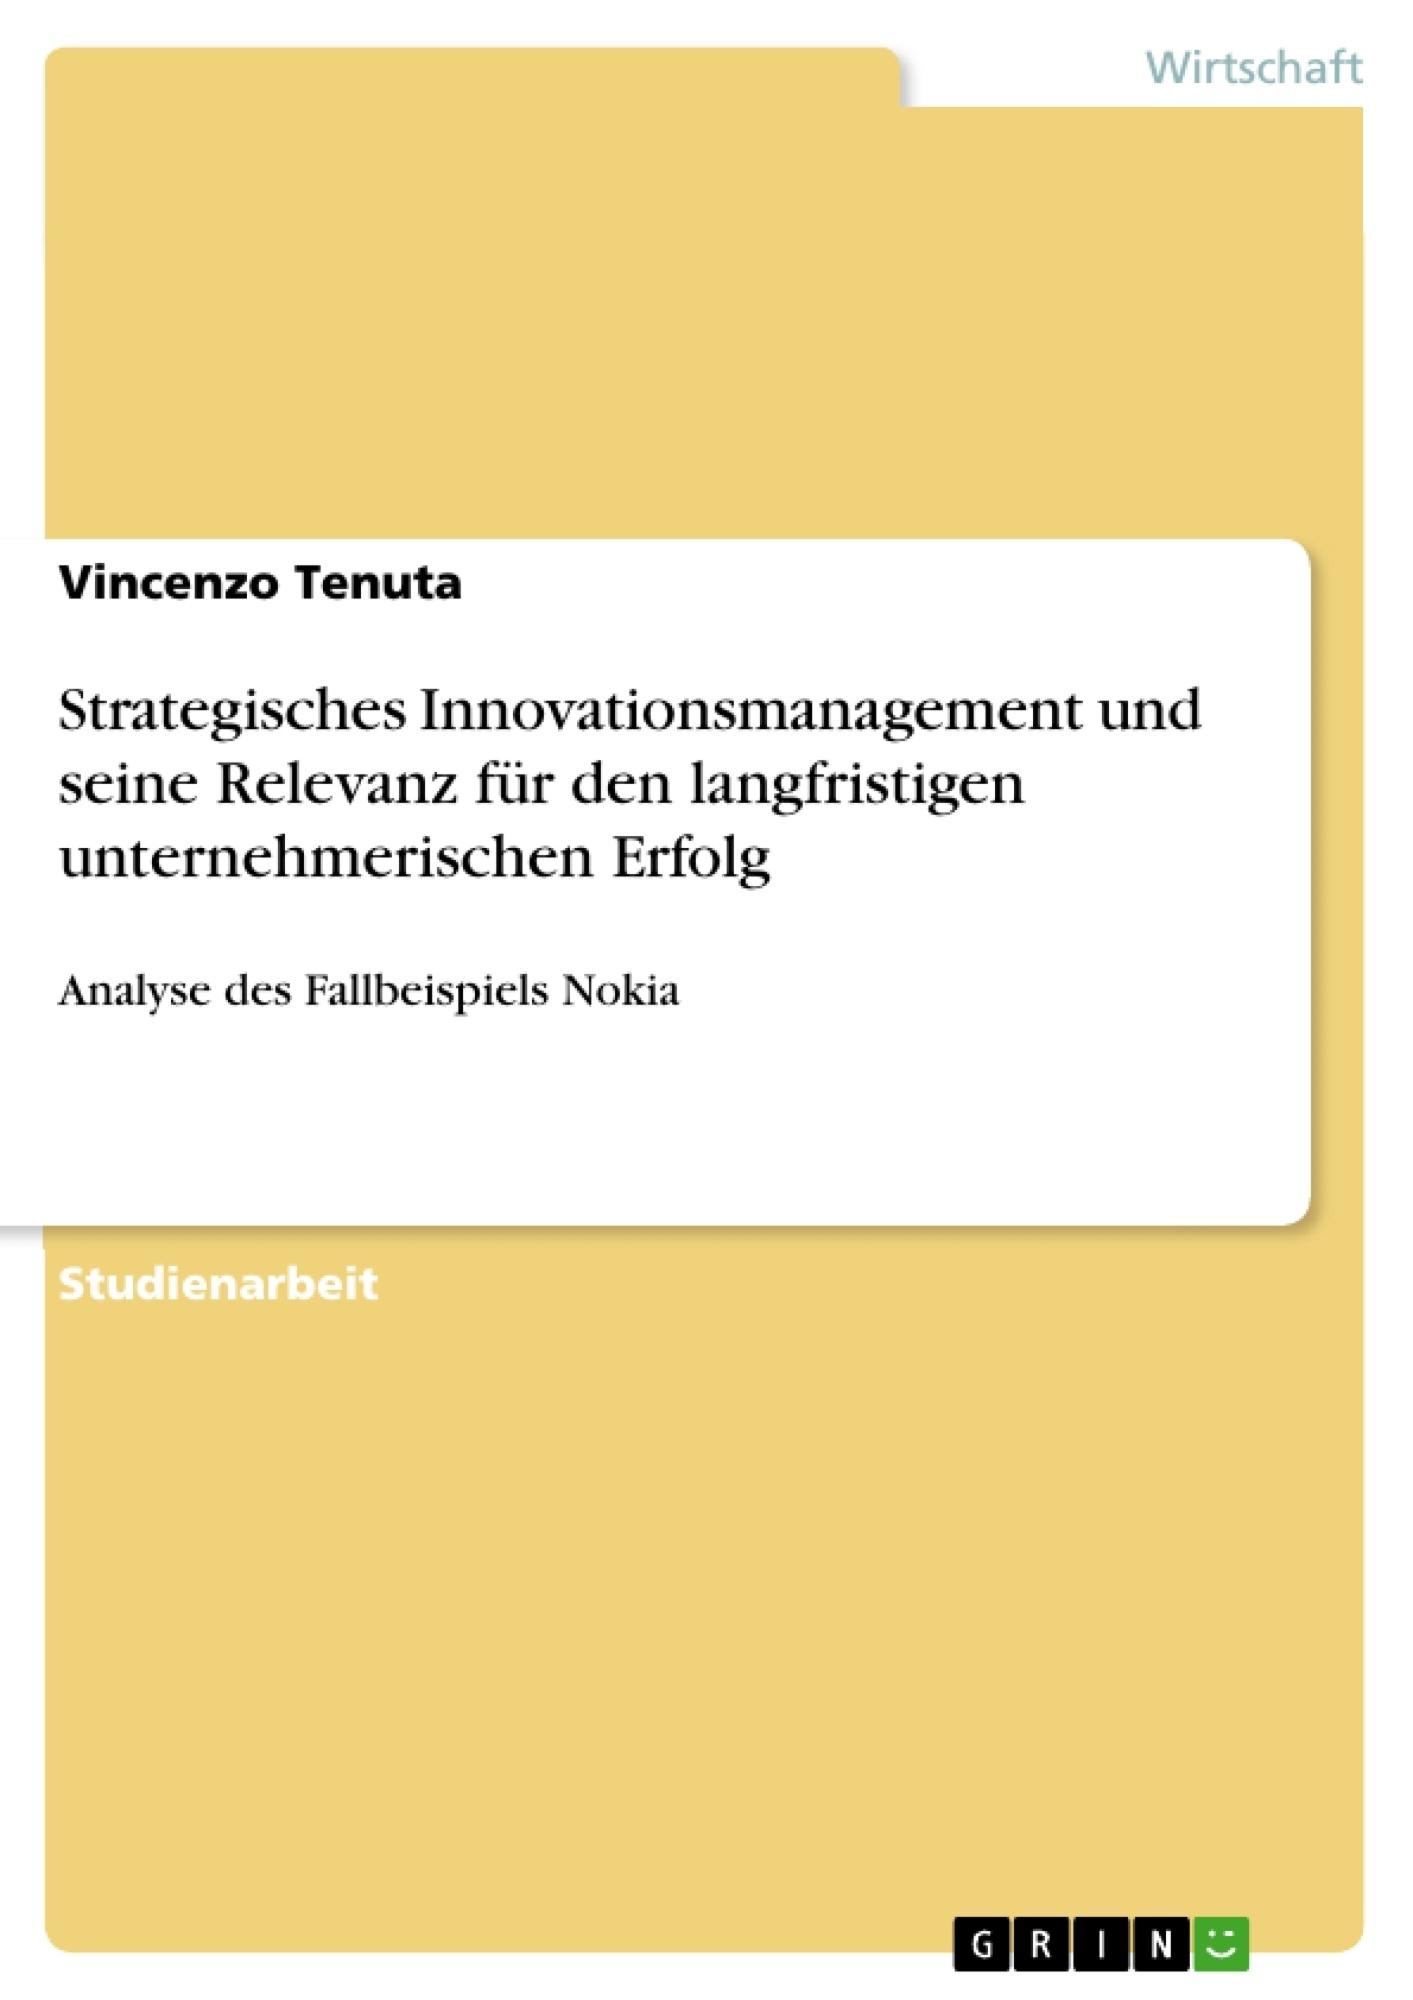 Titel: Strategisches Innovationsmanagement und seine Relevanz für den langfristigen unternehmerischen Erfolg